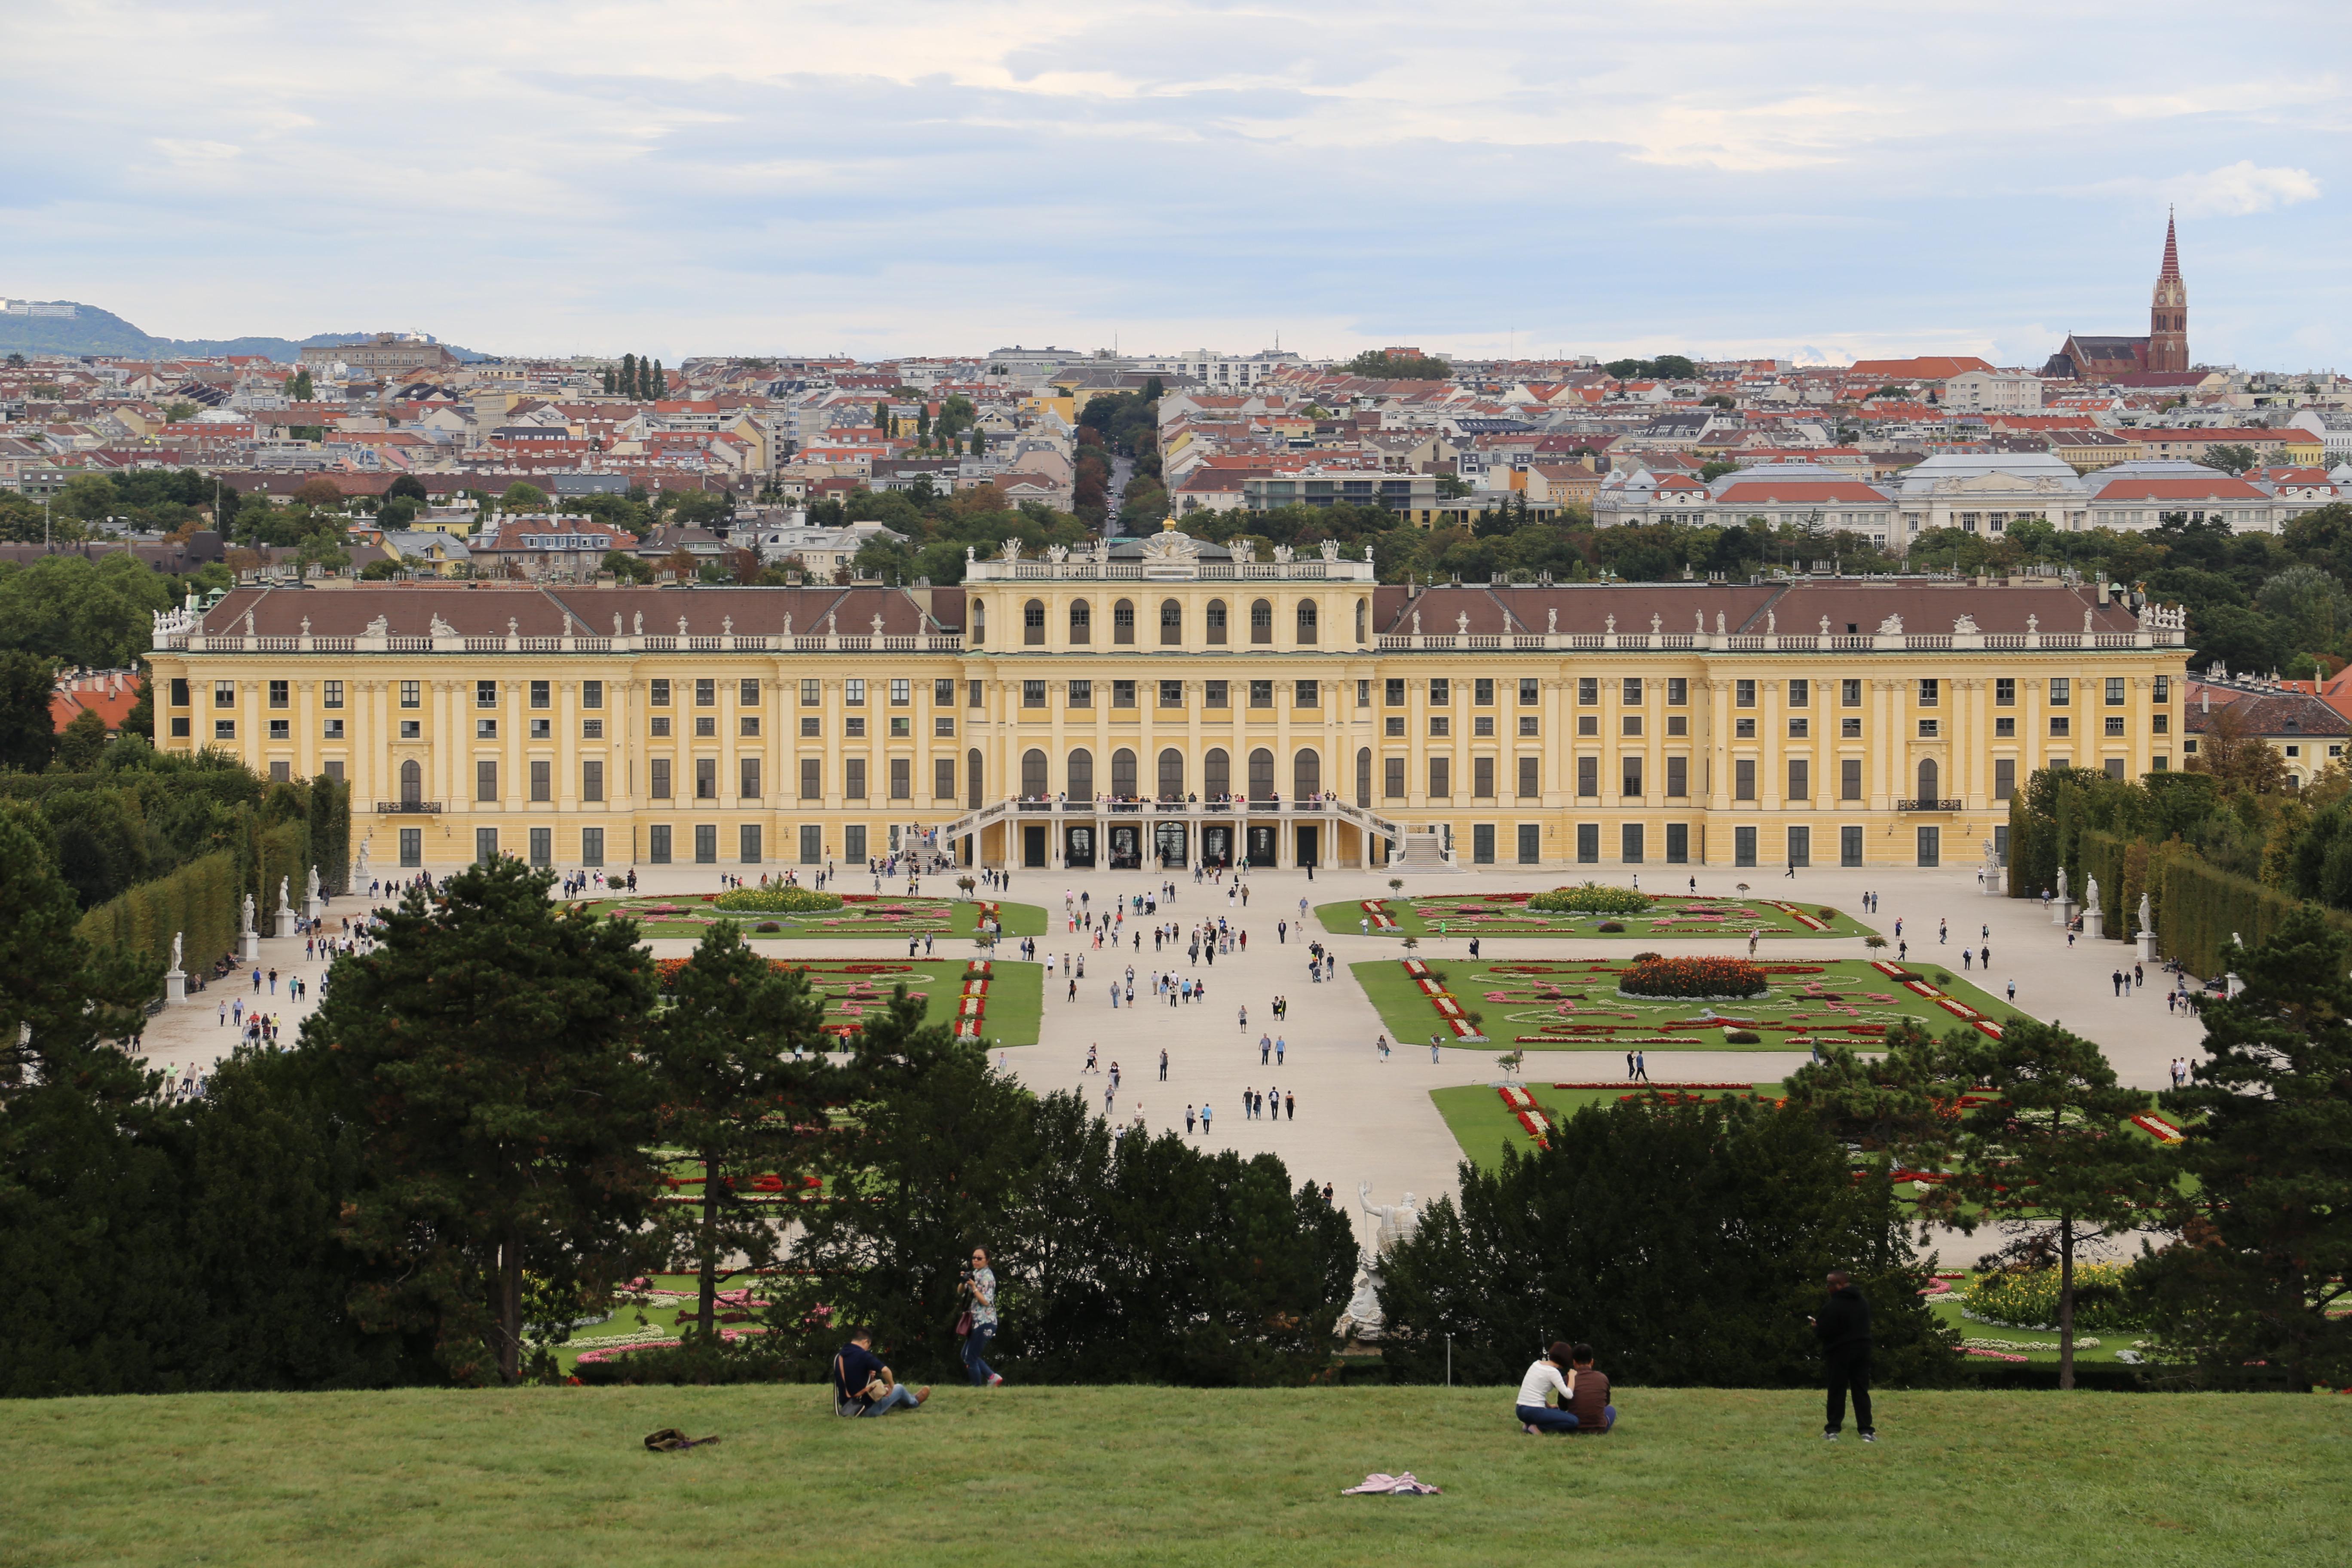 Castelo Schönbrunn - passear pelos jardins é de graça (Foto: Nathalia Tavolieri)